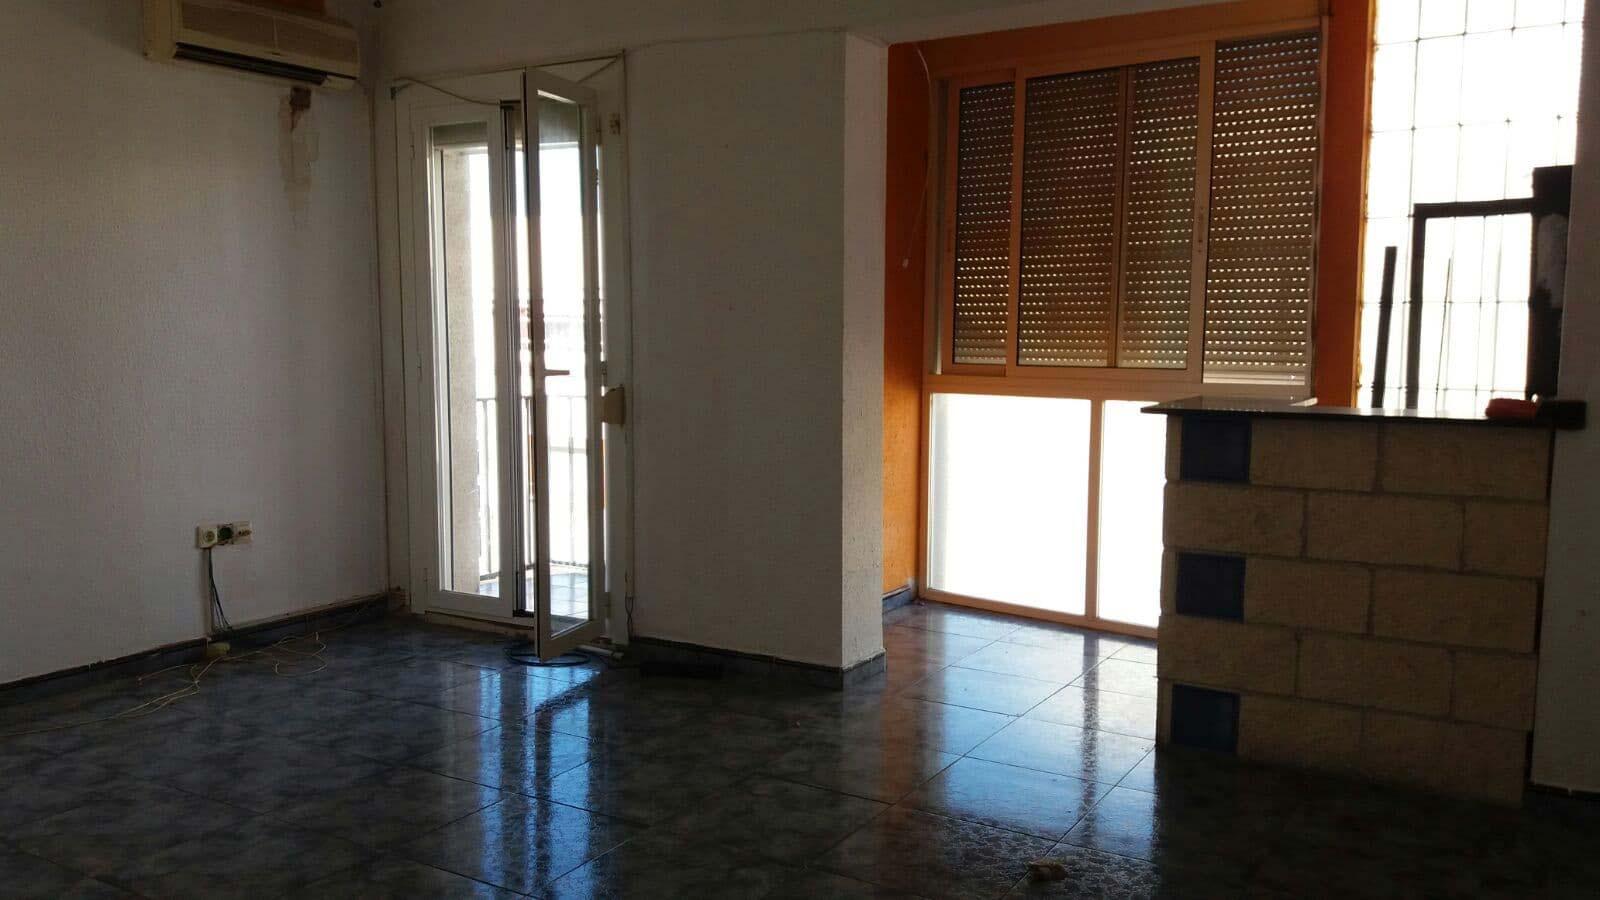 Piso en venta en Piso en Tarragona, Tarragona, 37.020 €, 2 habitaciones, 1 baño, 71 m2